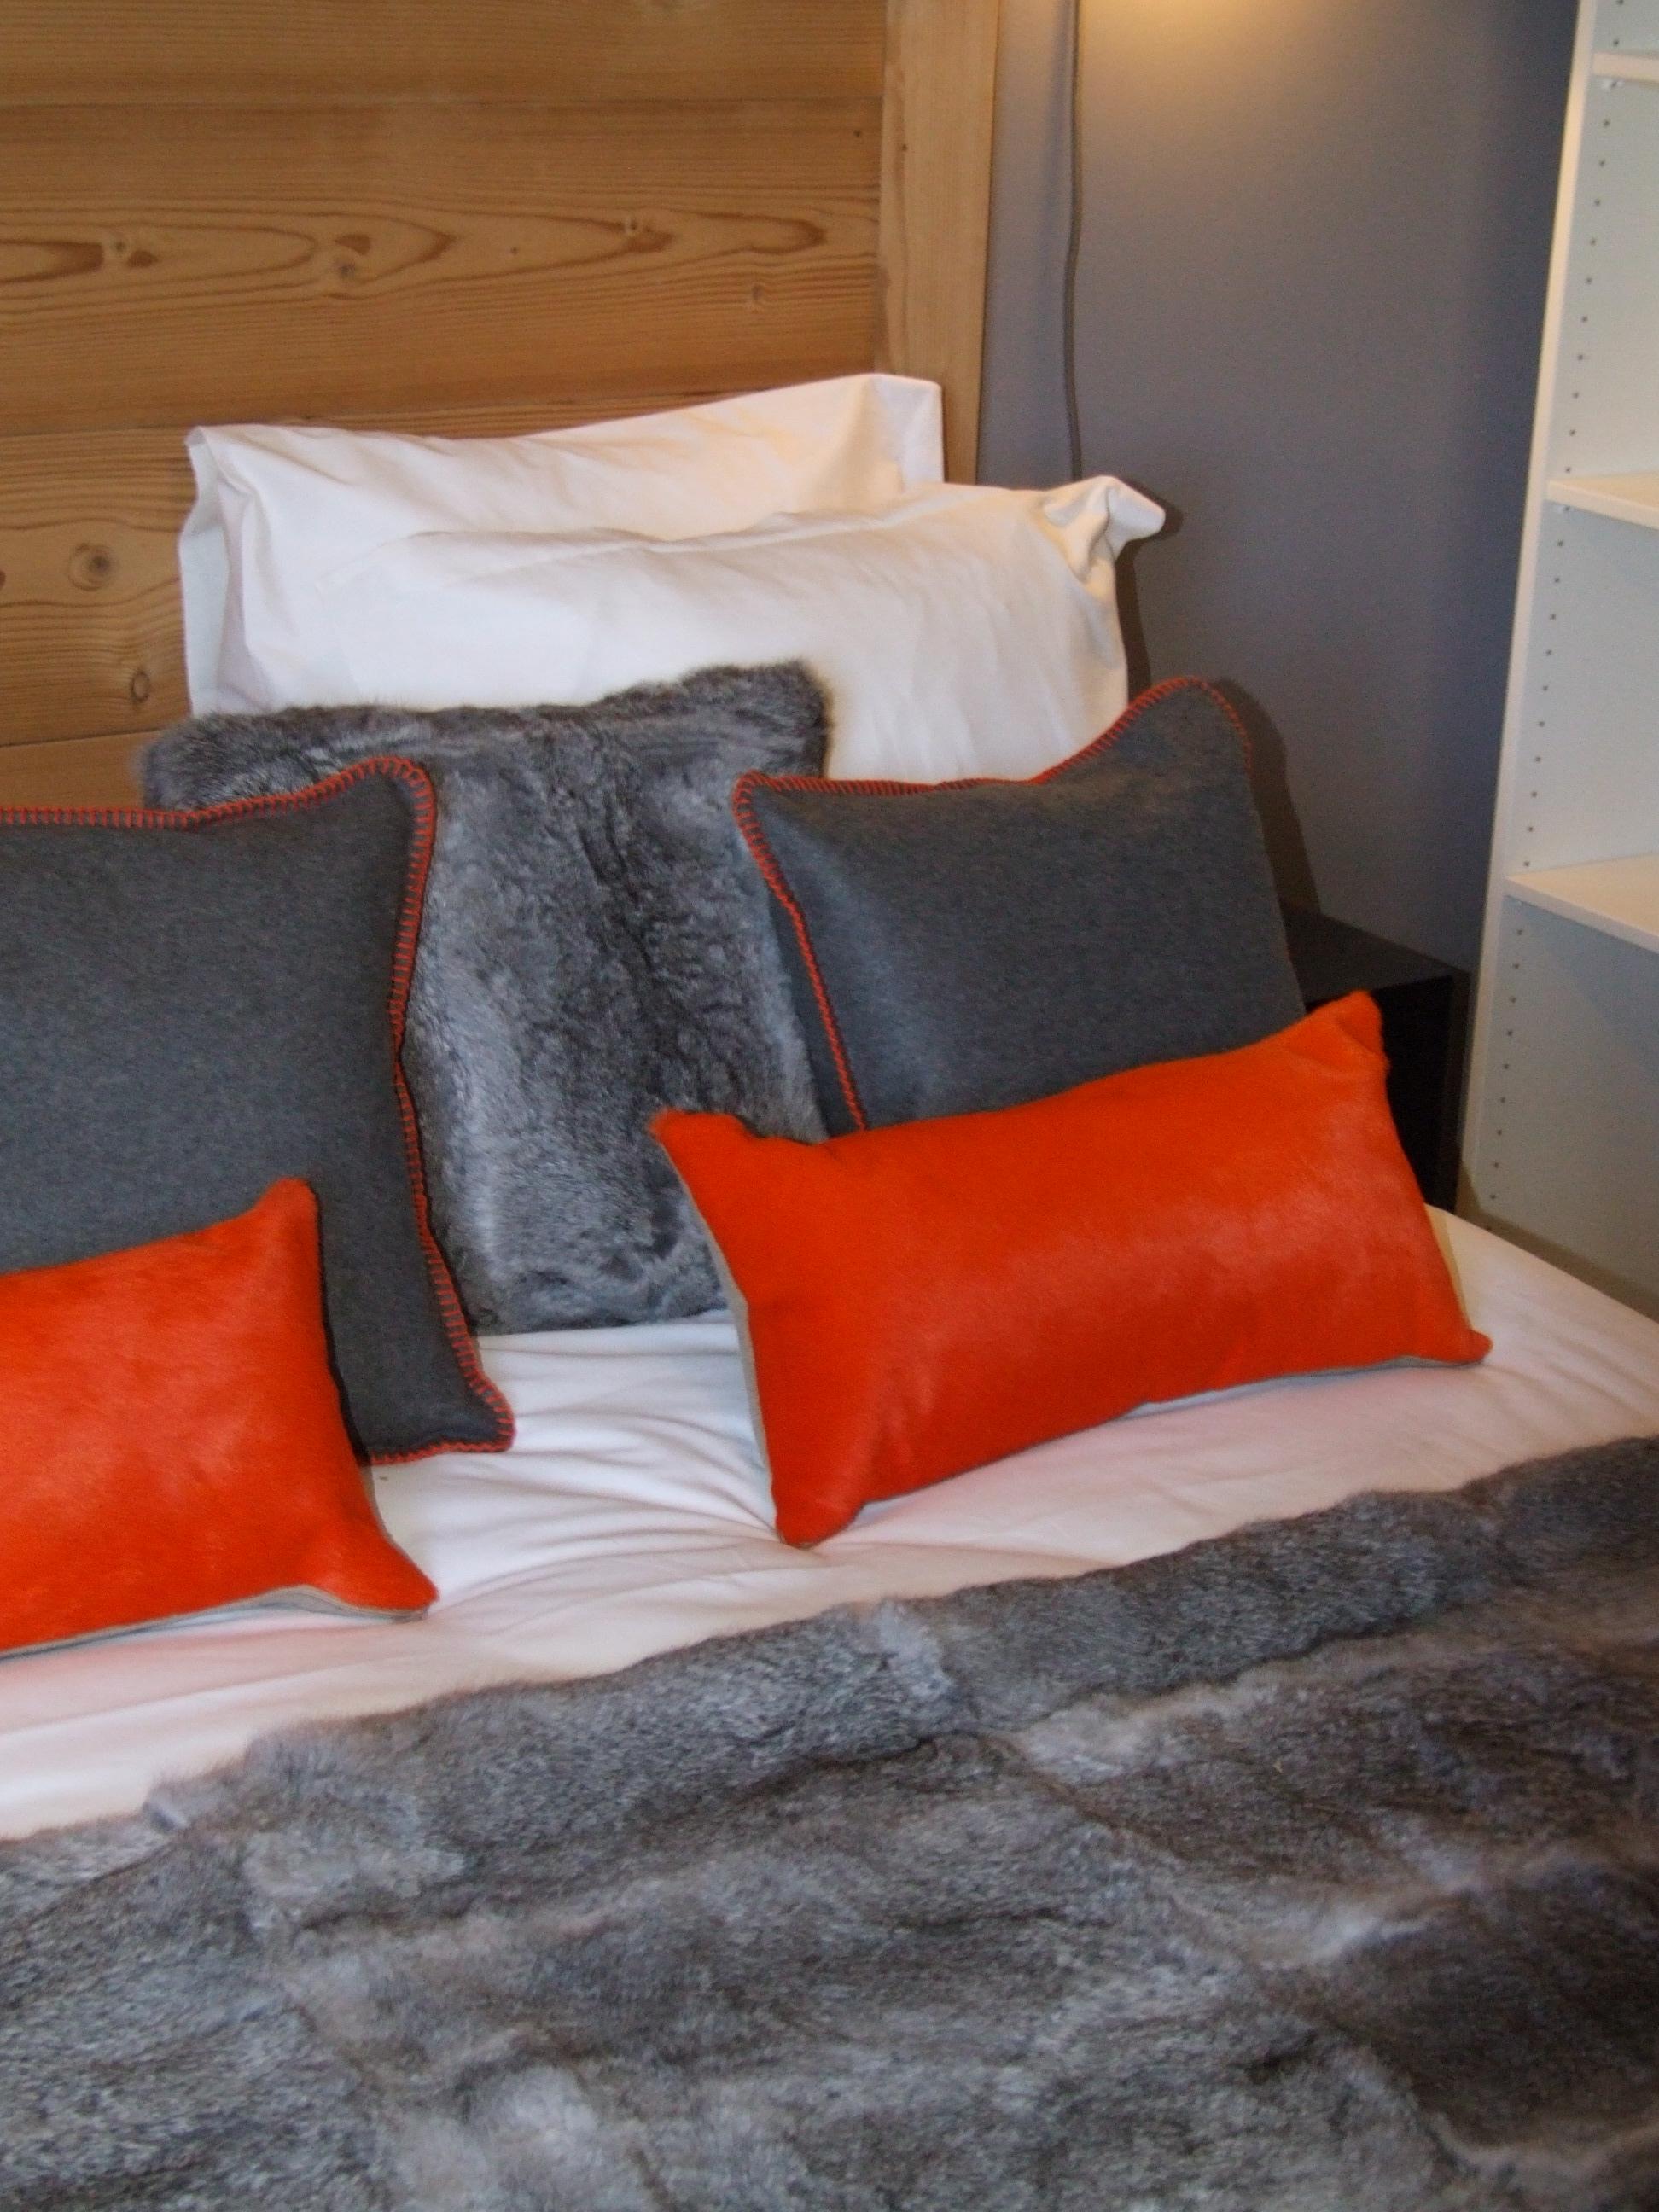 fourrure peau feutrine orange plaid chaleur confort cosy douillet